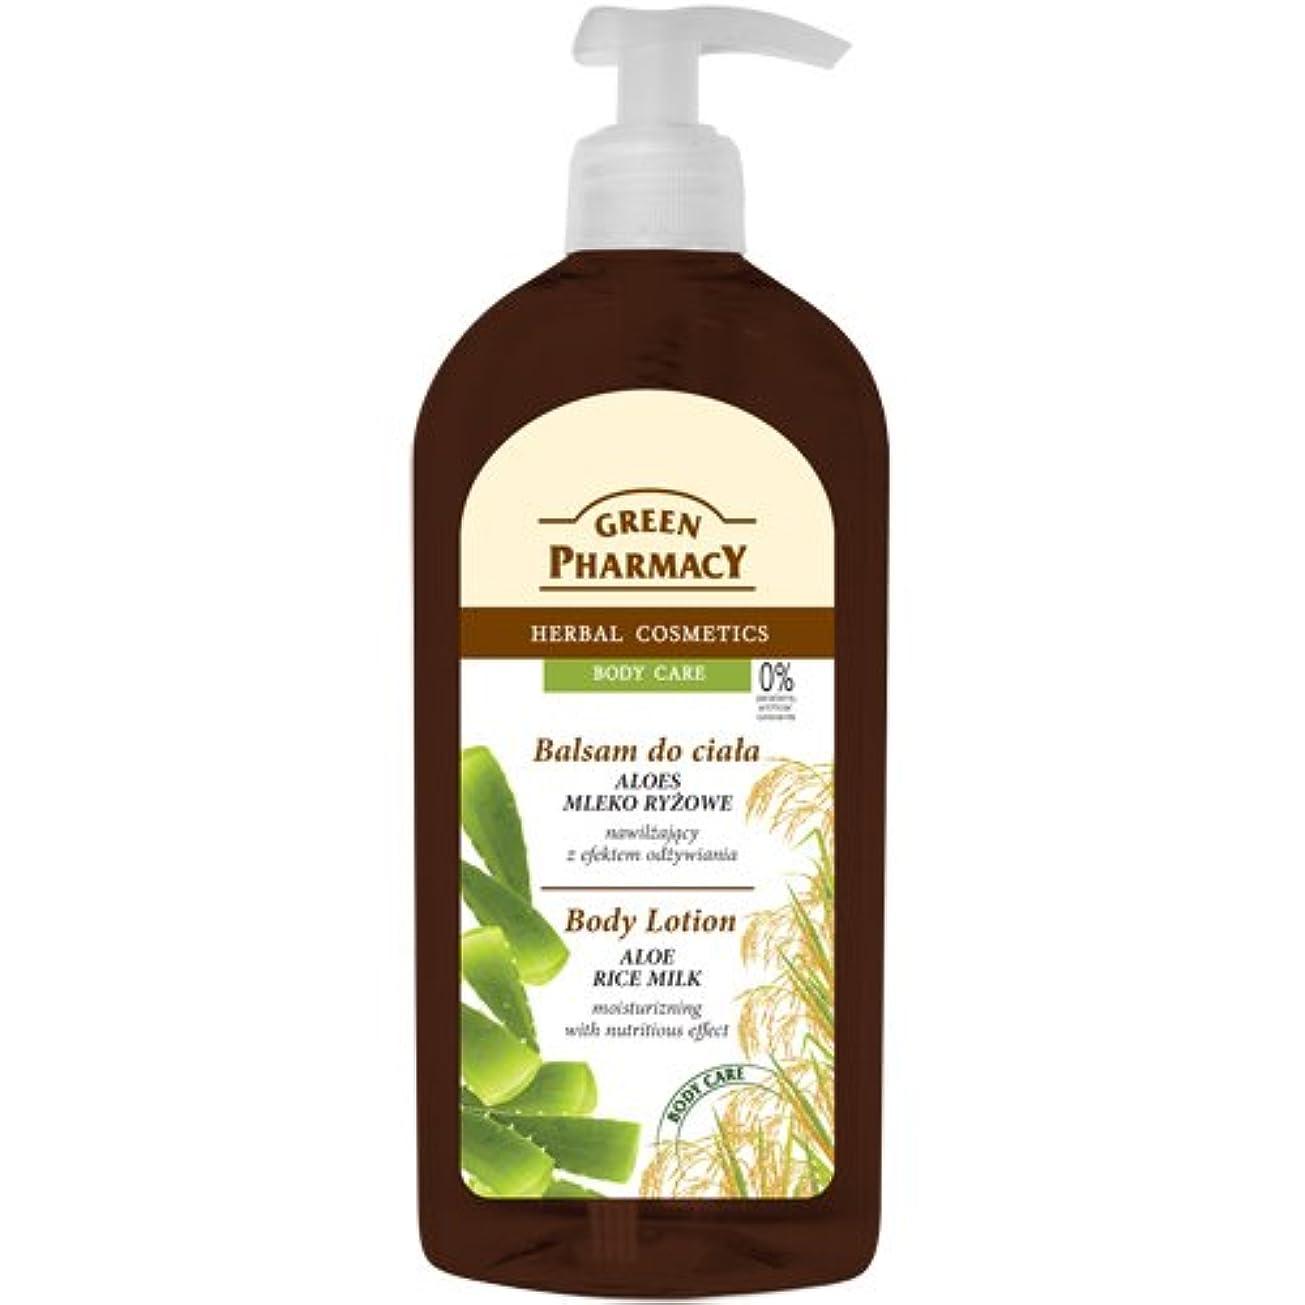 ヒゲ過去昆虫Elfa Pharm Green Pharmacy グリーンファーマシー Body Lotion ボディローション Aloe Ricemilk